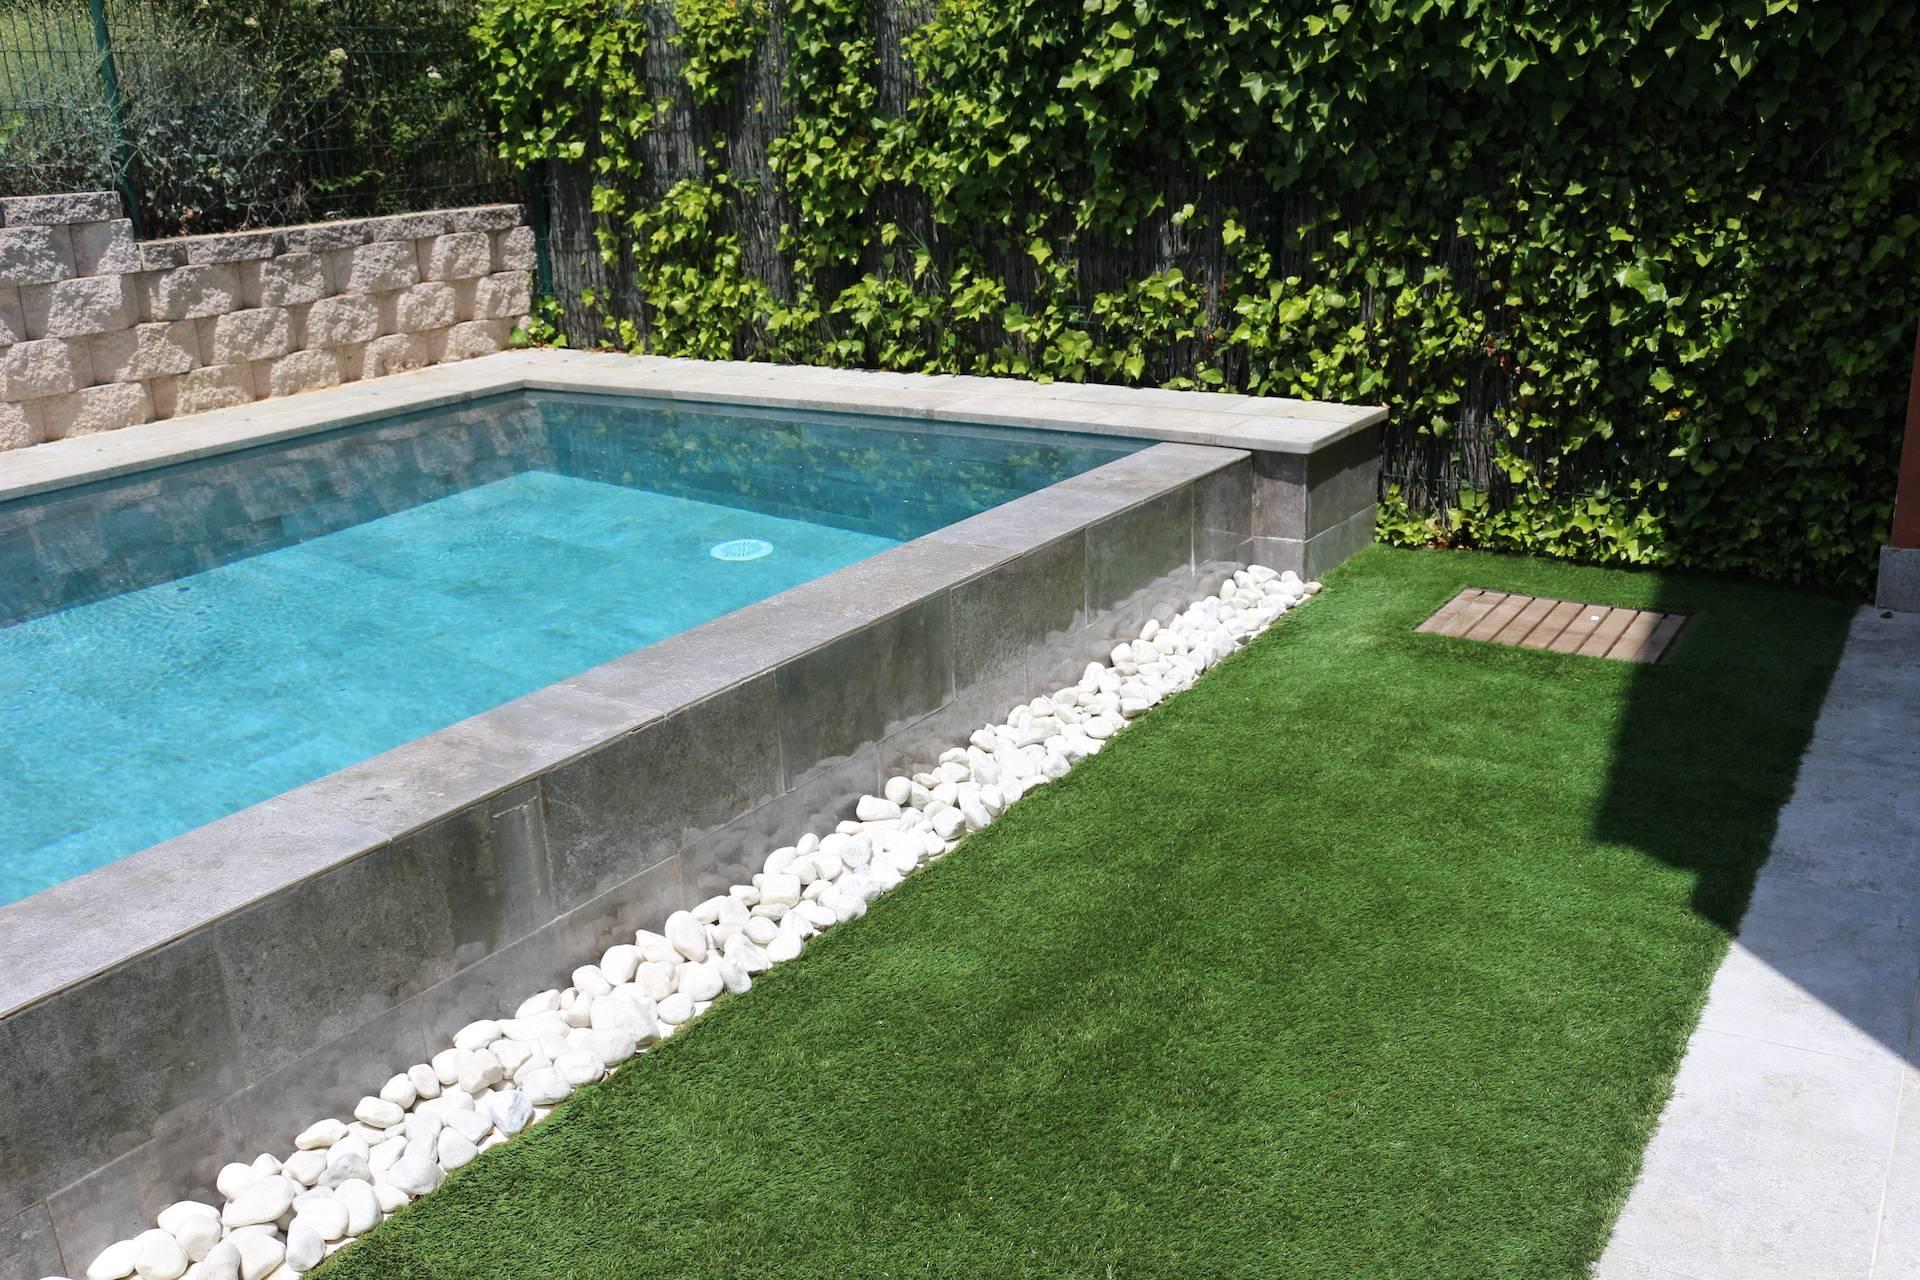 piscina desbordante sobre bolo blanco,